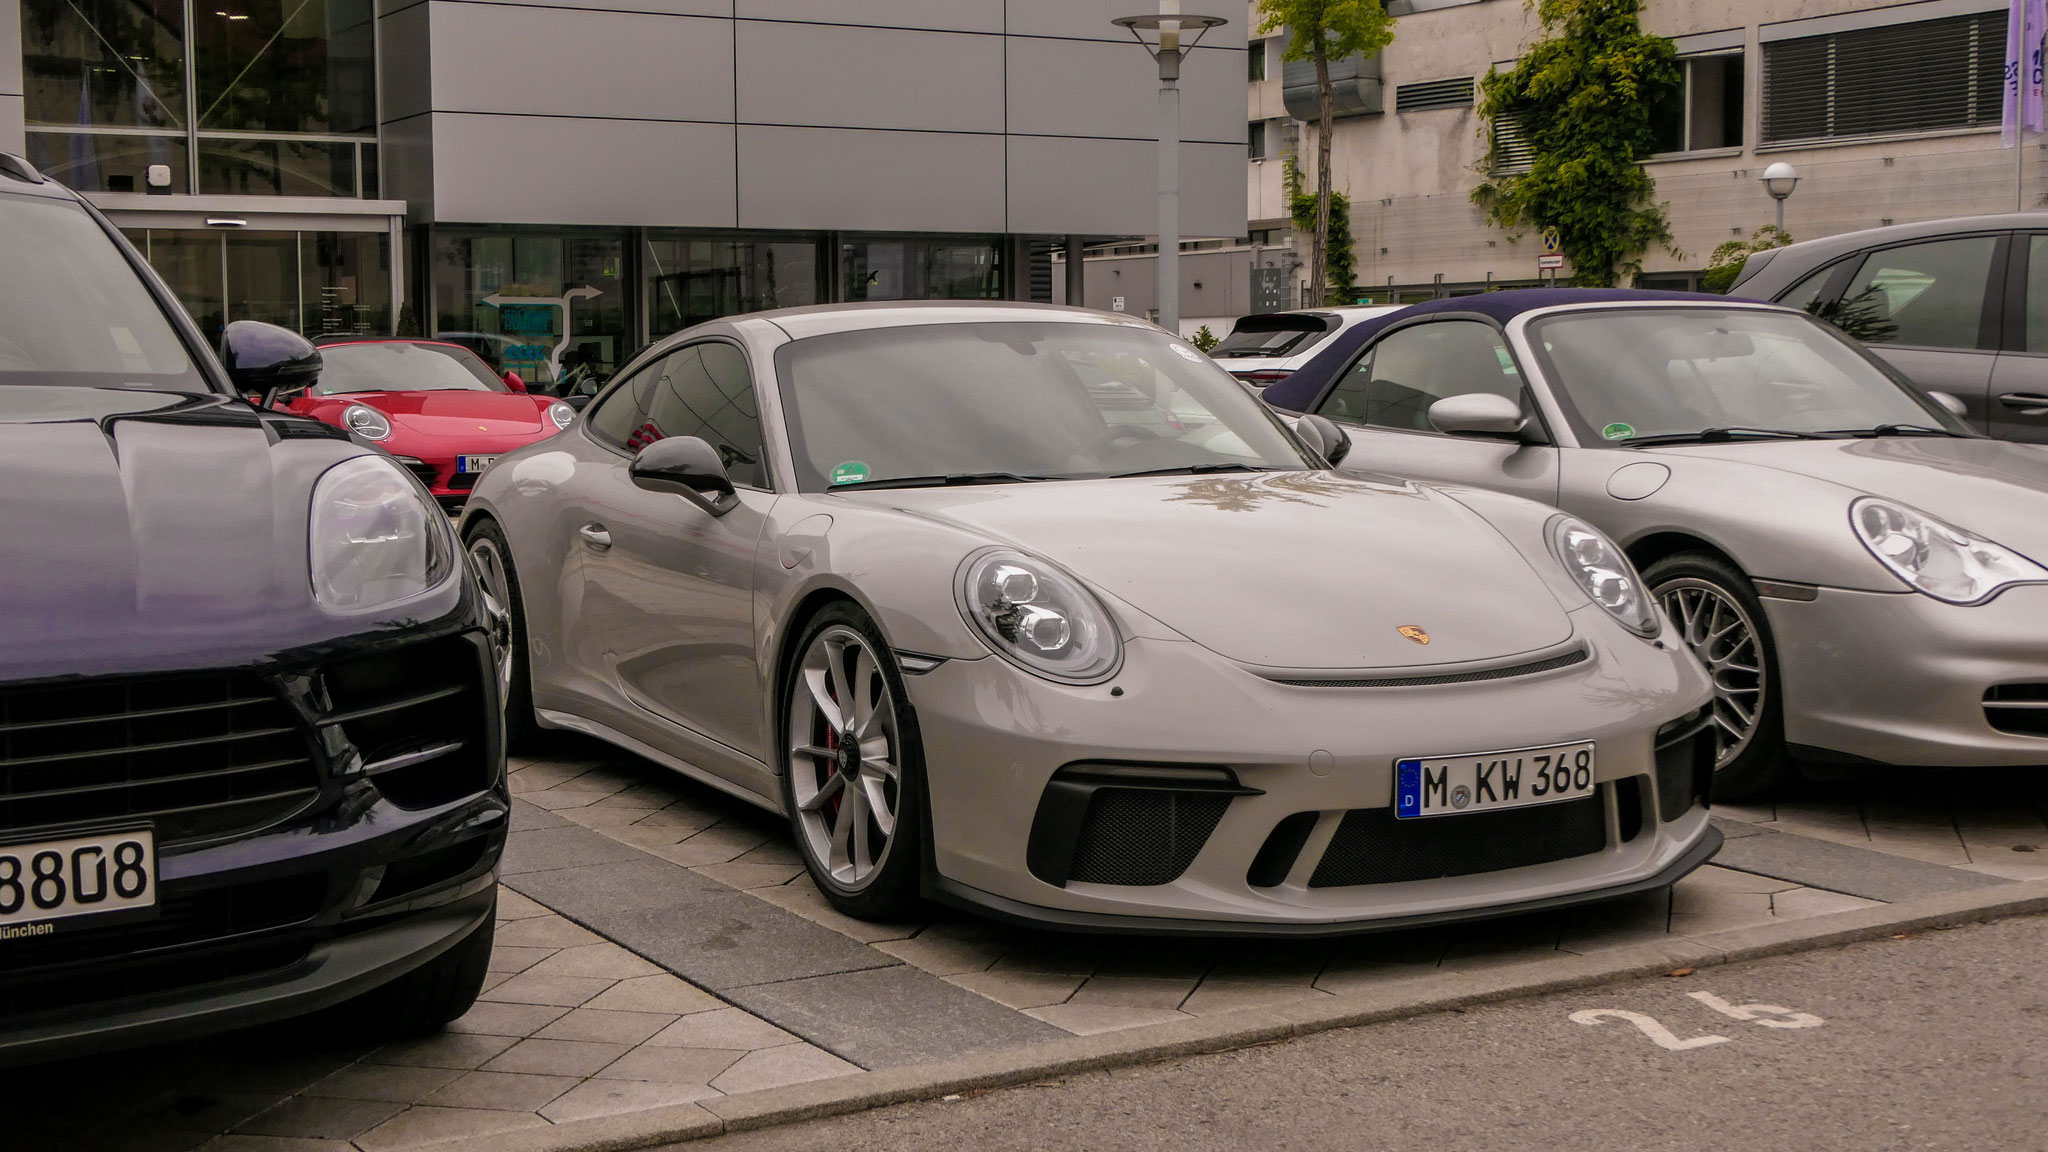 Porsche 991 GT3 Touring Package - M-KW-368